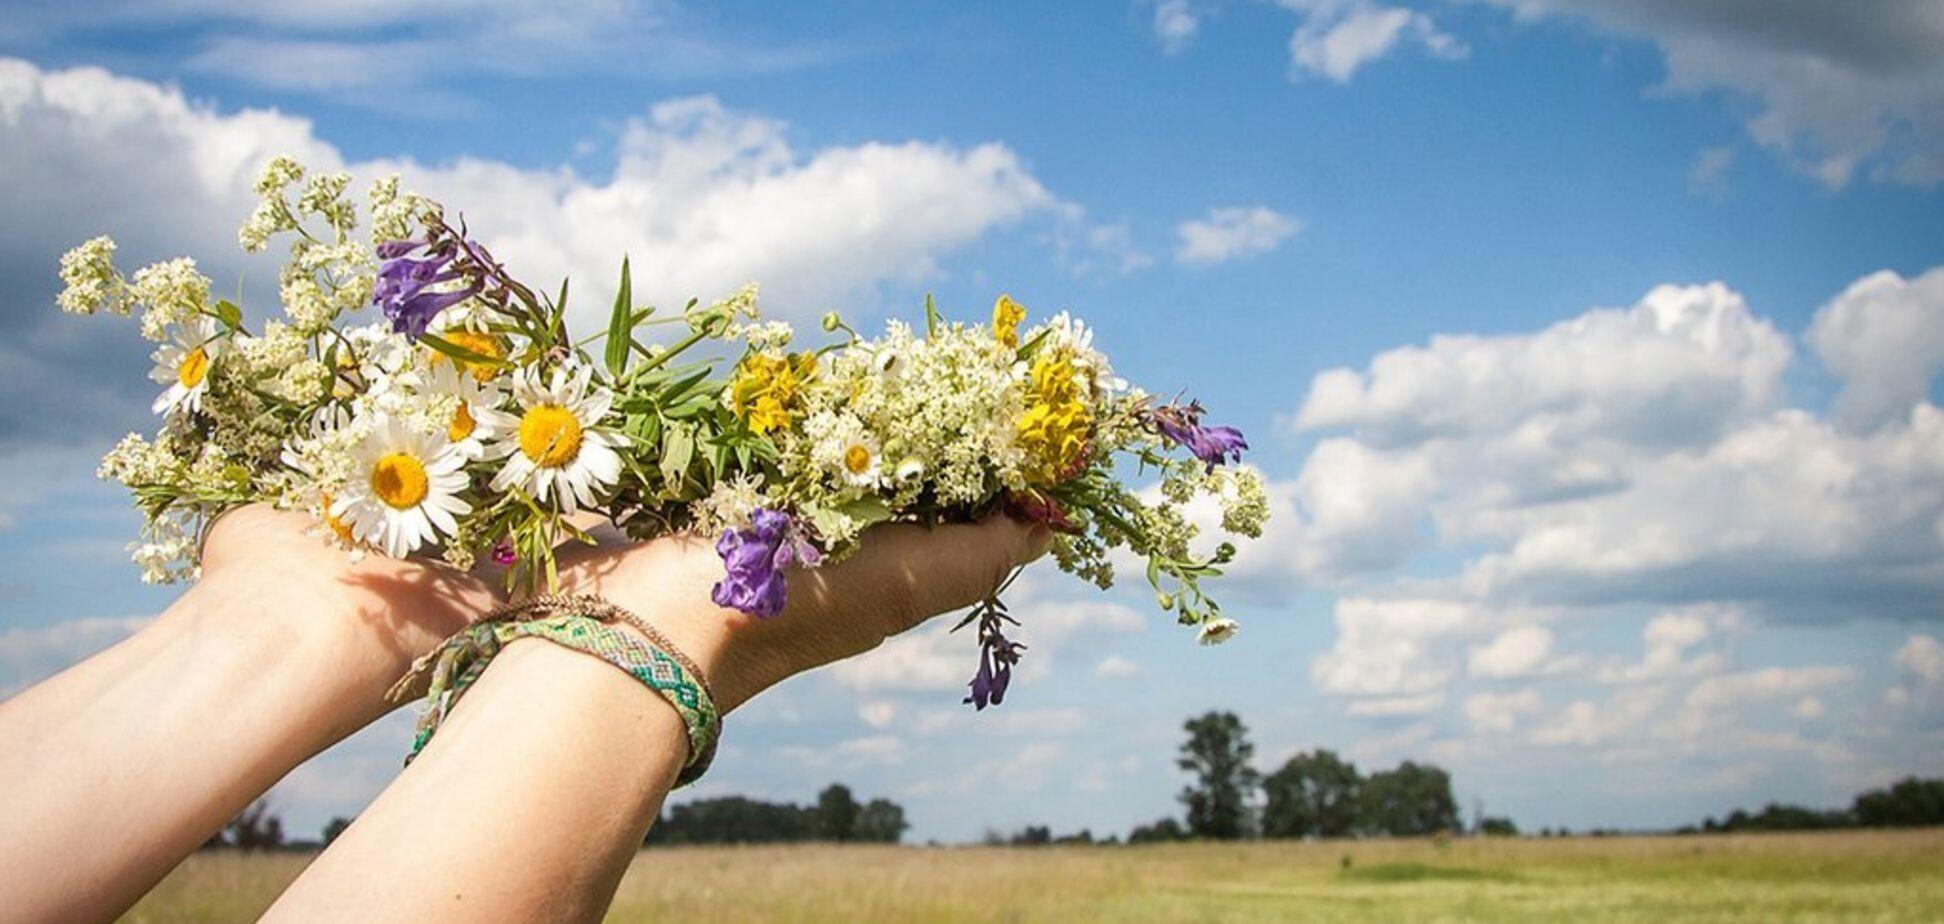 В Україну увірветься літо: синоптики потішили теплим прогнозом